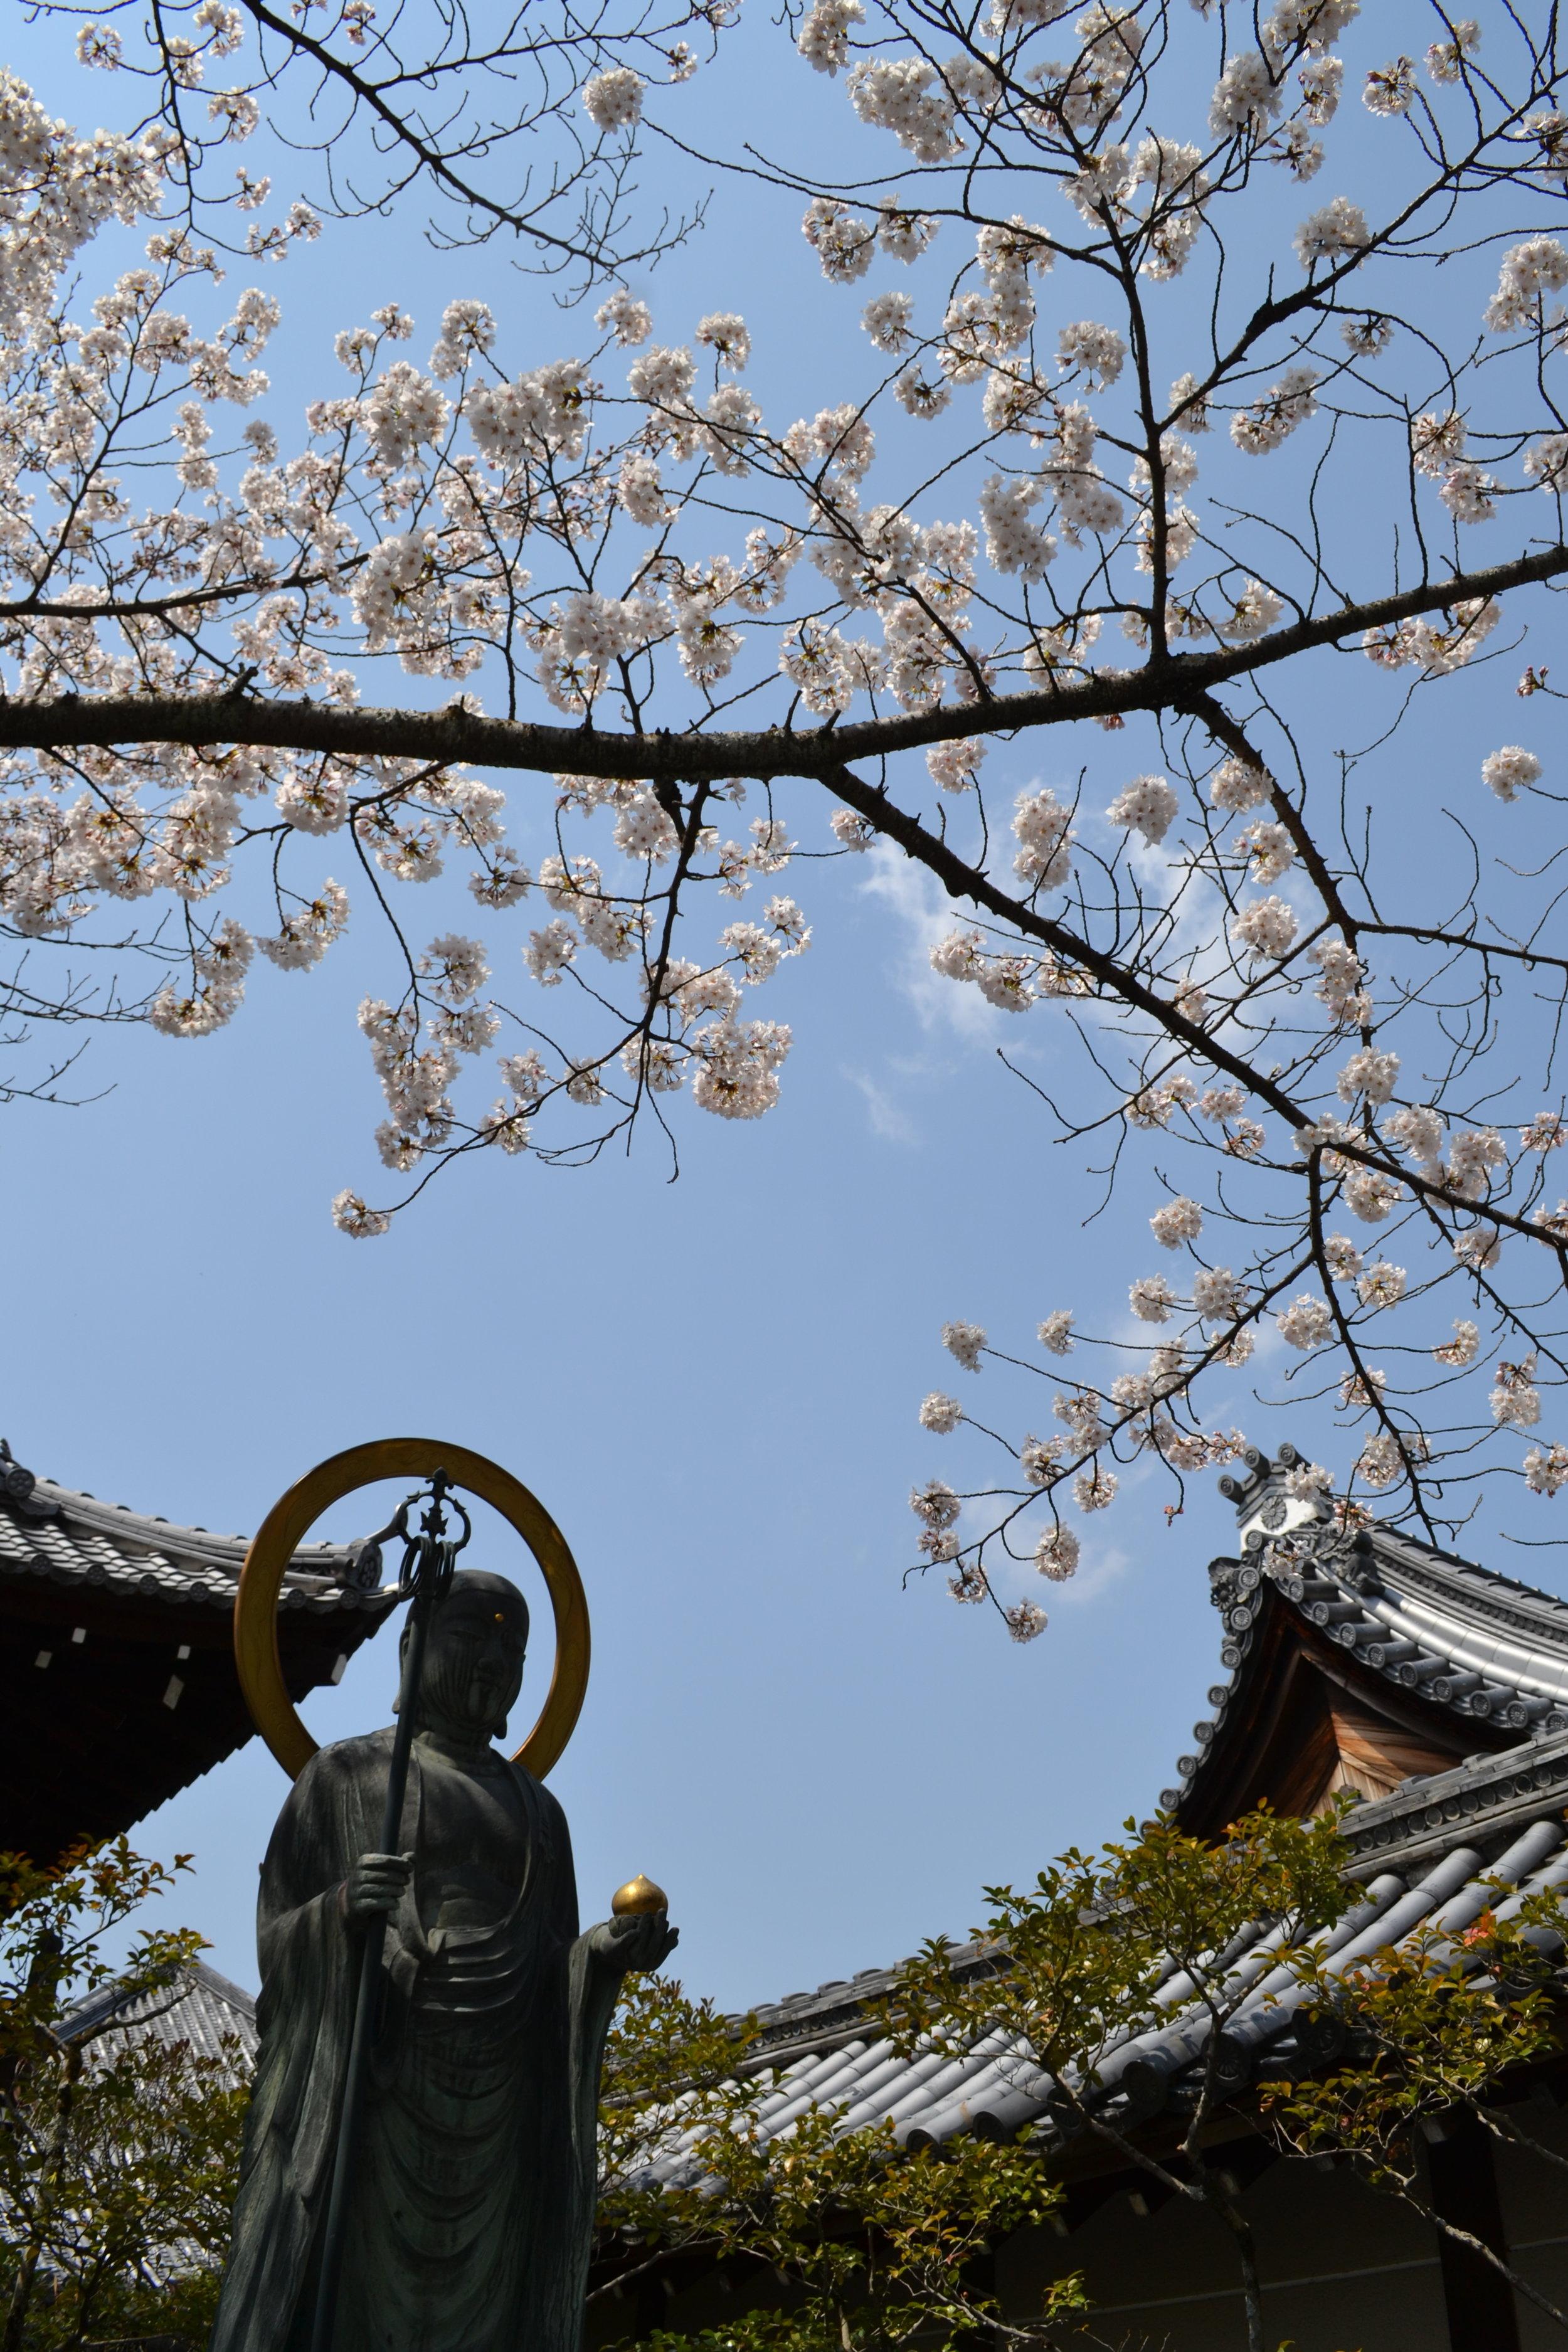 Me gusto este vista de las flores sakuras arriba de la estatua de Buda. Hay muchos templos pequeños en las calles de Kioto entonces siempre estoy descubriendo nuevos templos.